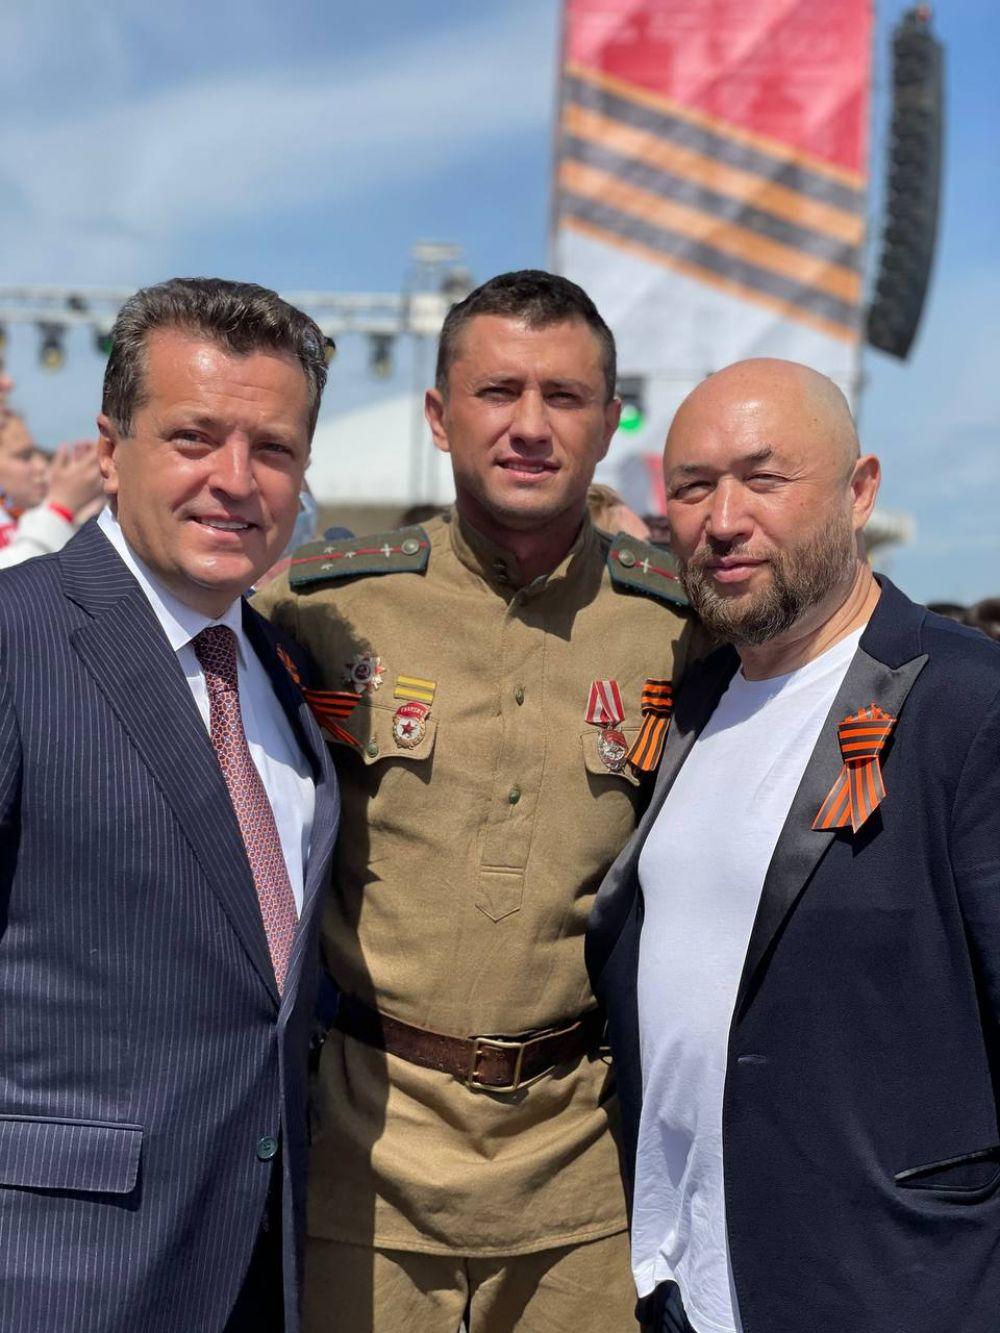 Мэр Казани Ильсур Метшин, актер Павел Прилучный, кинорежиссёр Тимур Бекмамбетов.